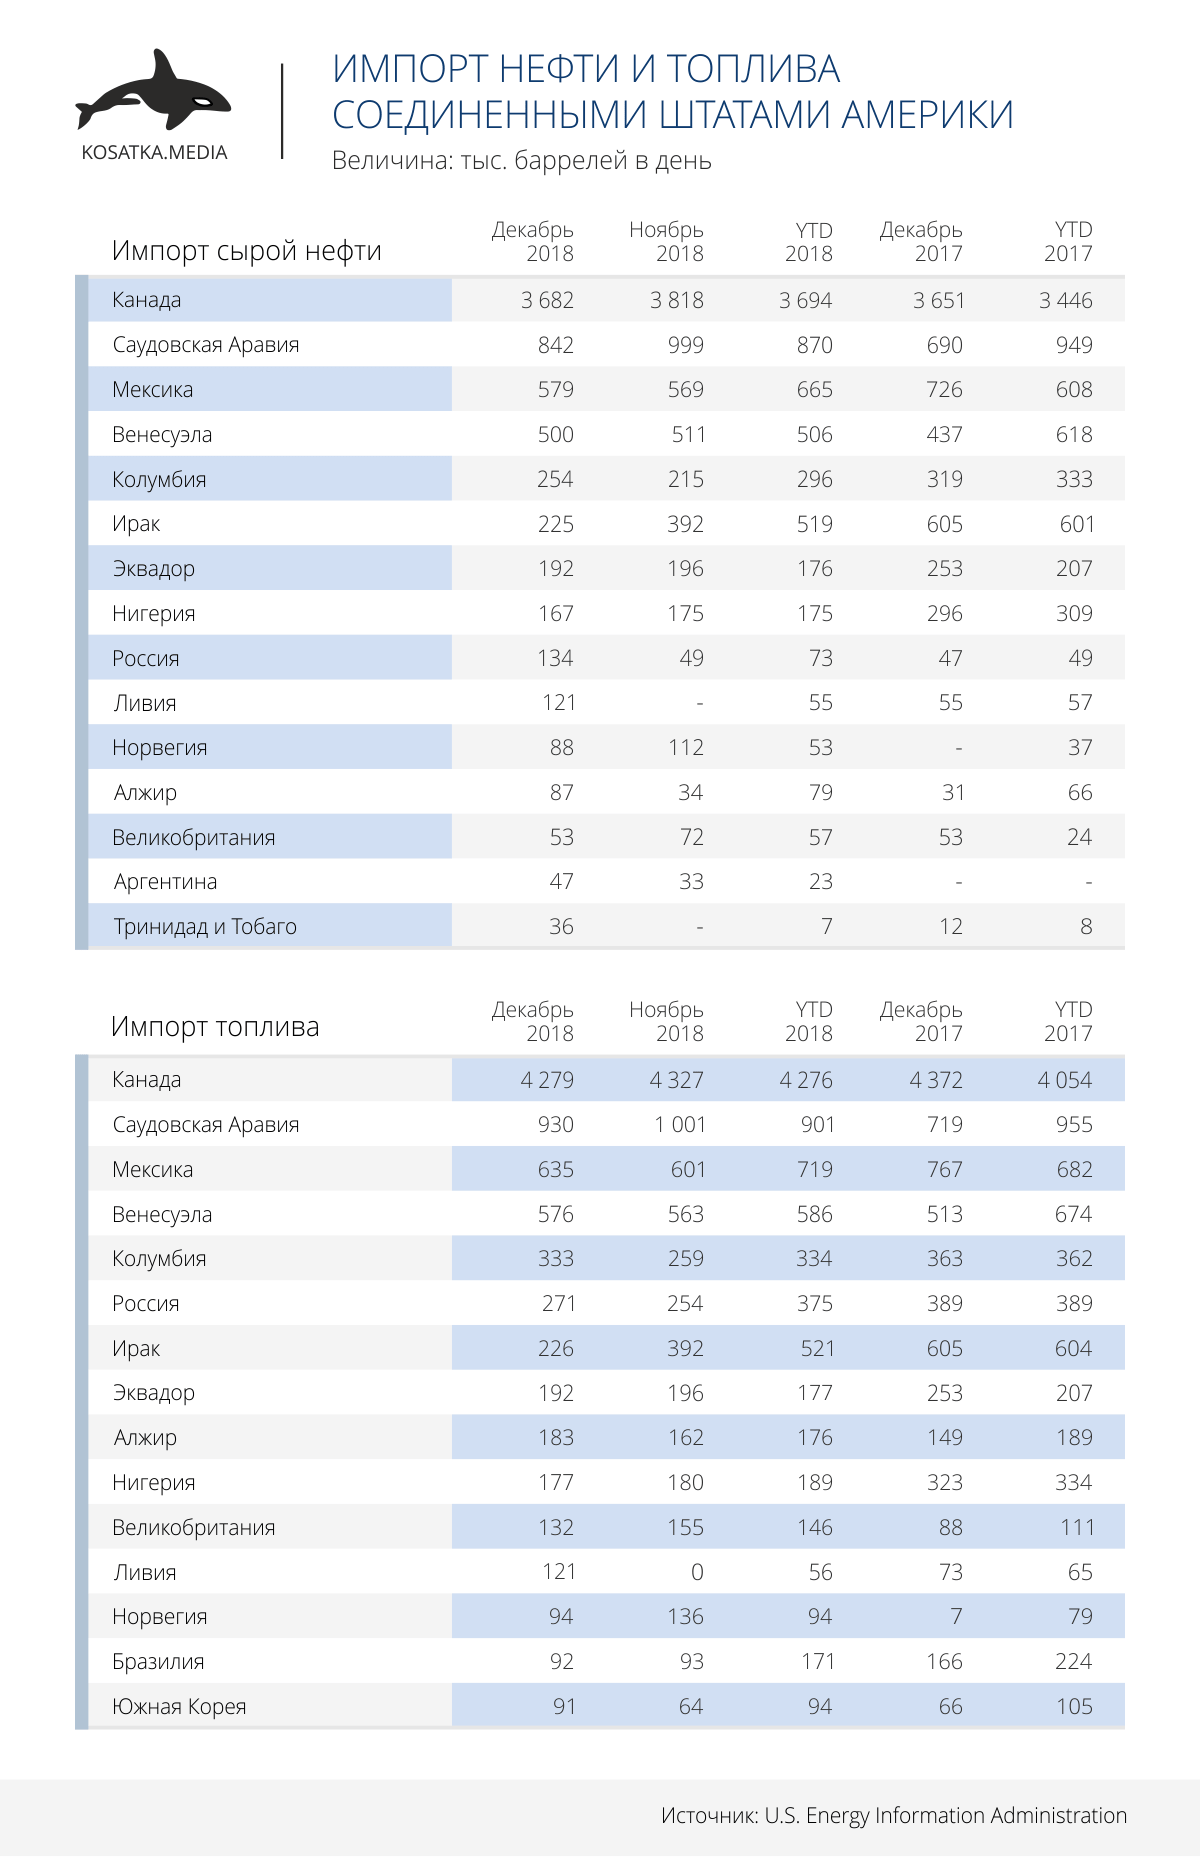 Импорт нефти и топлива Соединенными Штатами Америки